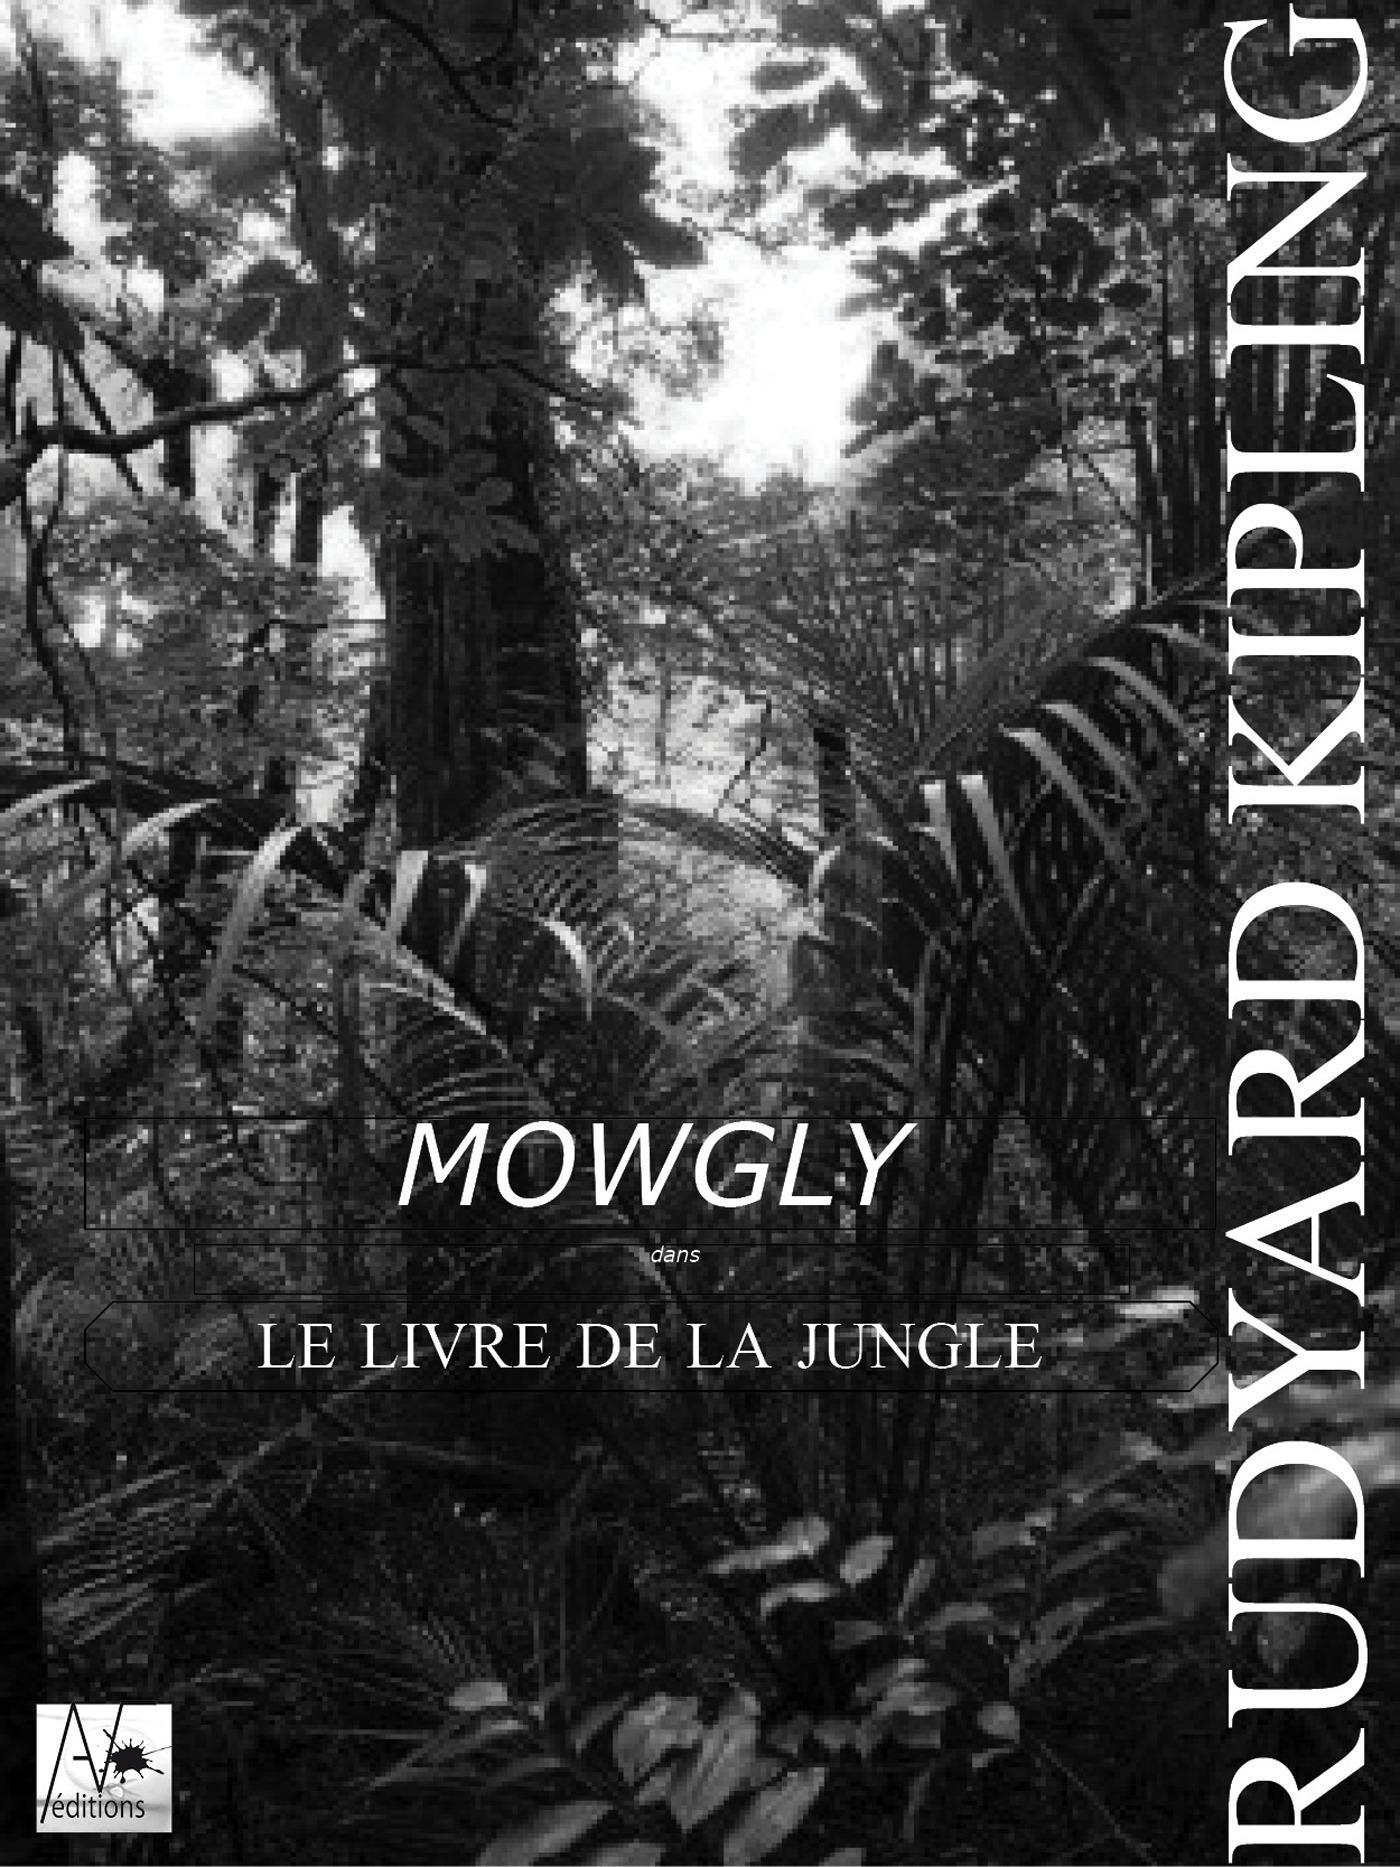 Mowgli - Le Livre de la jungle